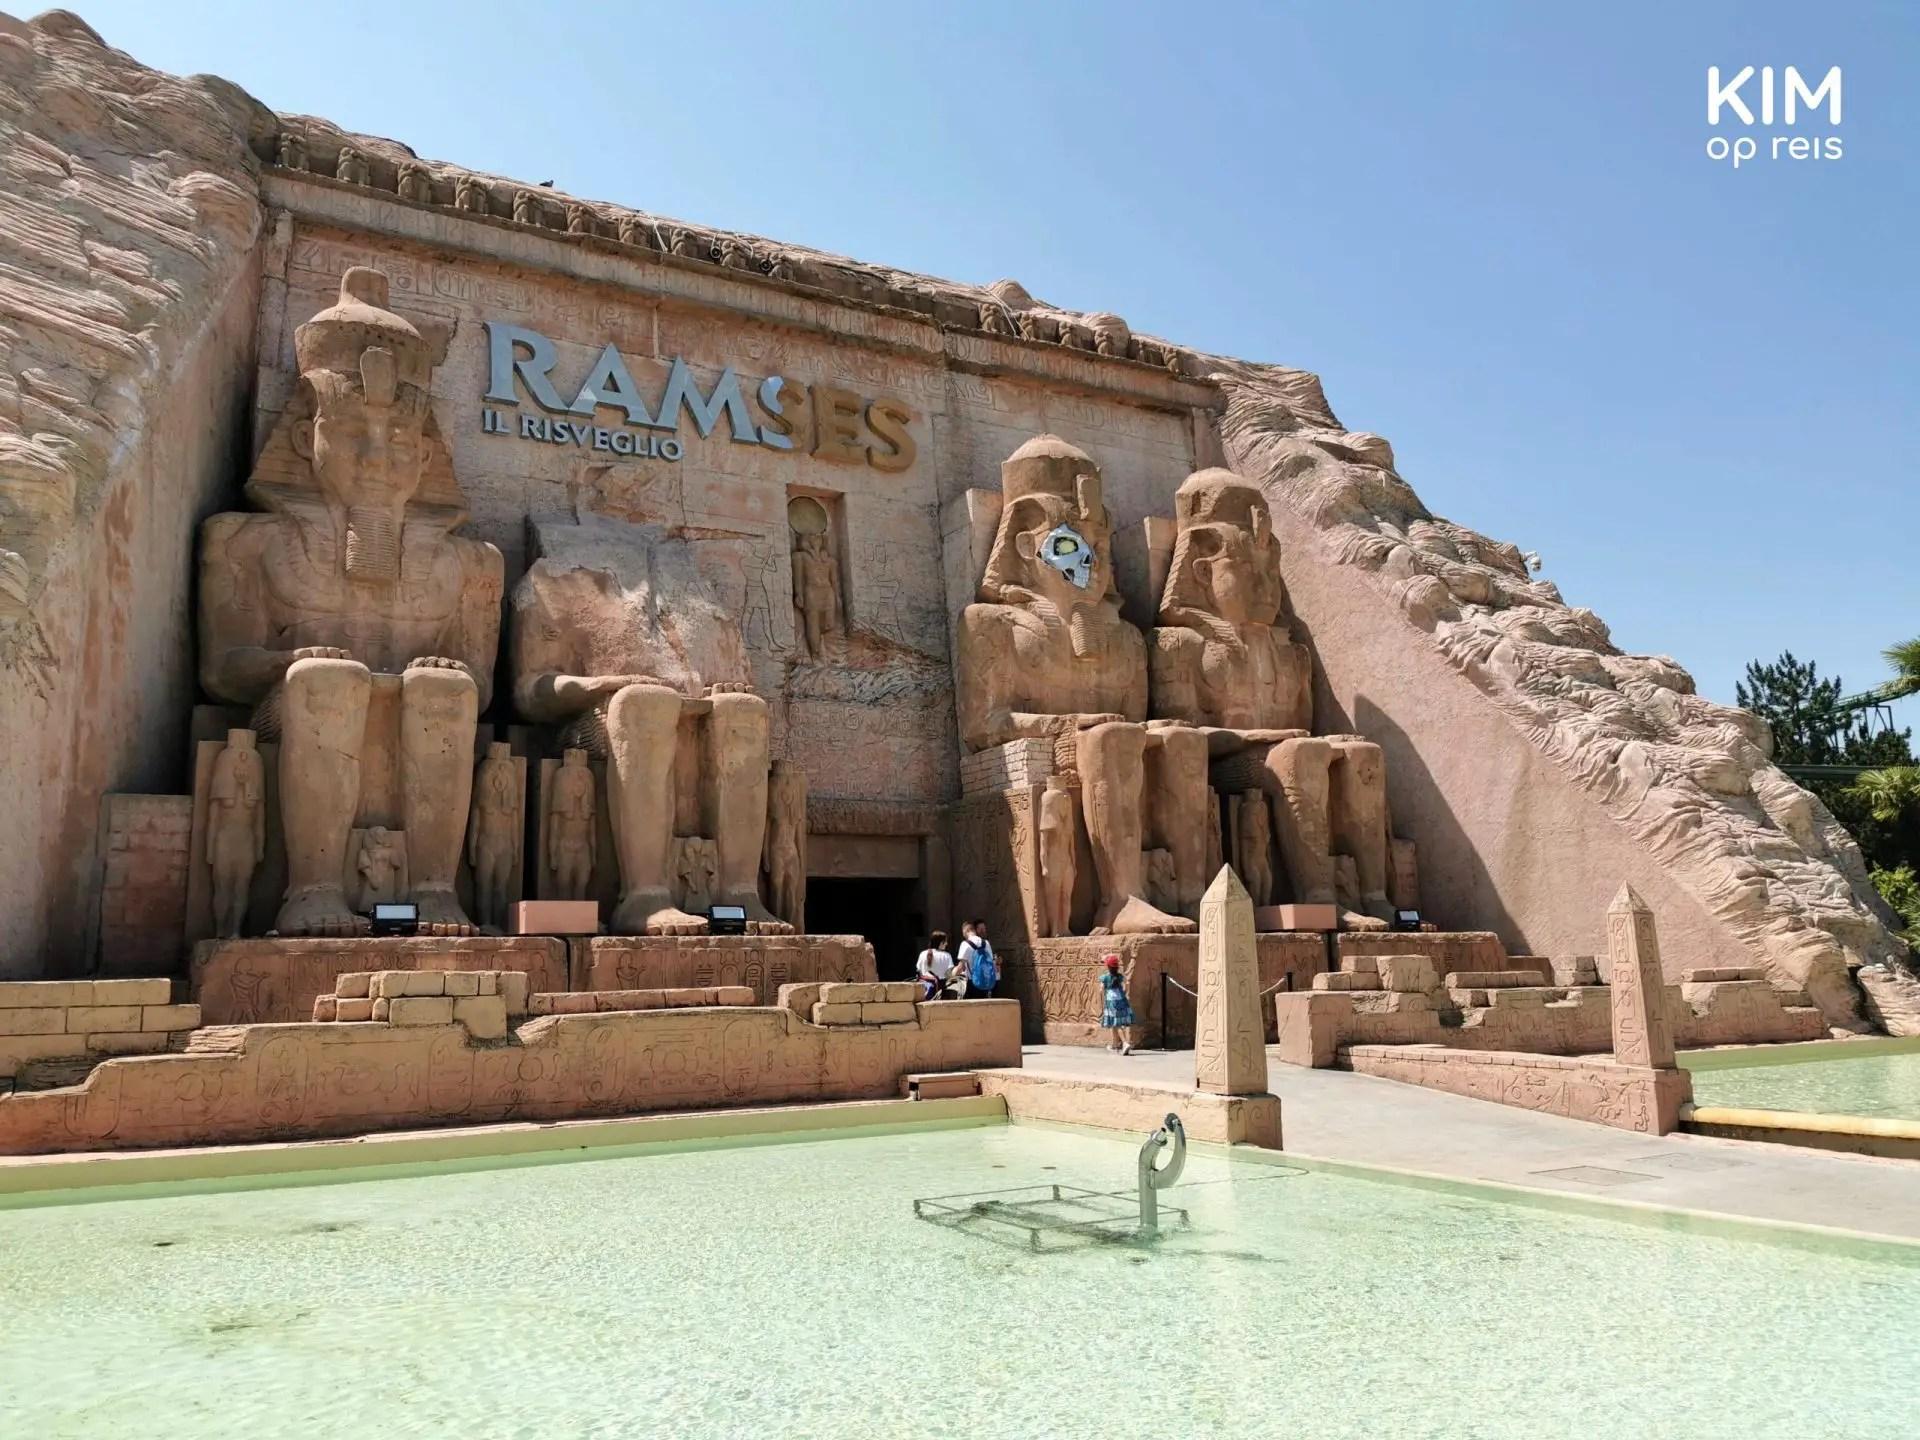 Attractie Ramses Gardaland - entree als een egyptische pyramide met farao's